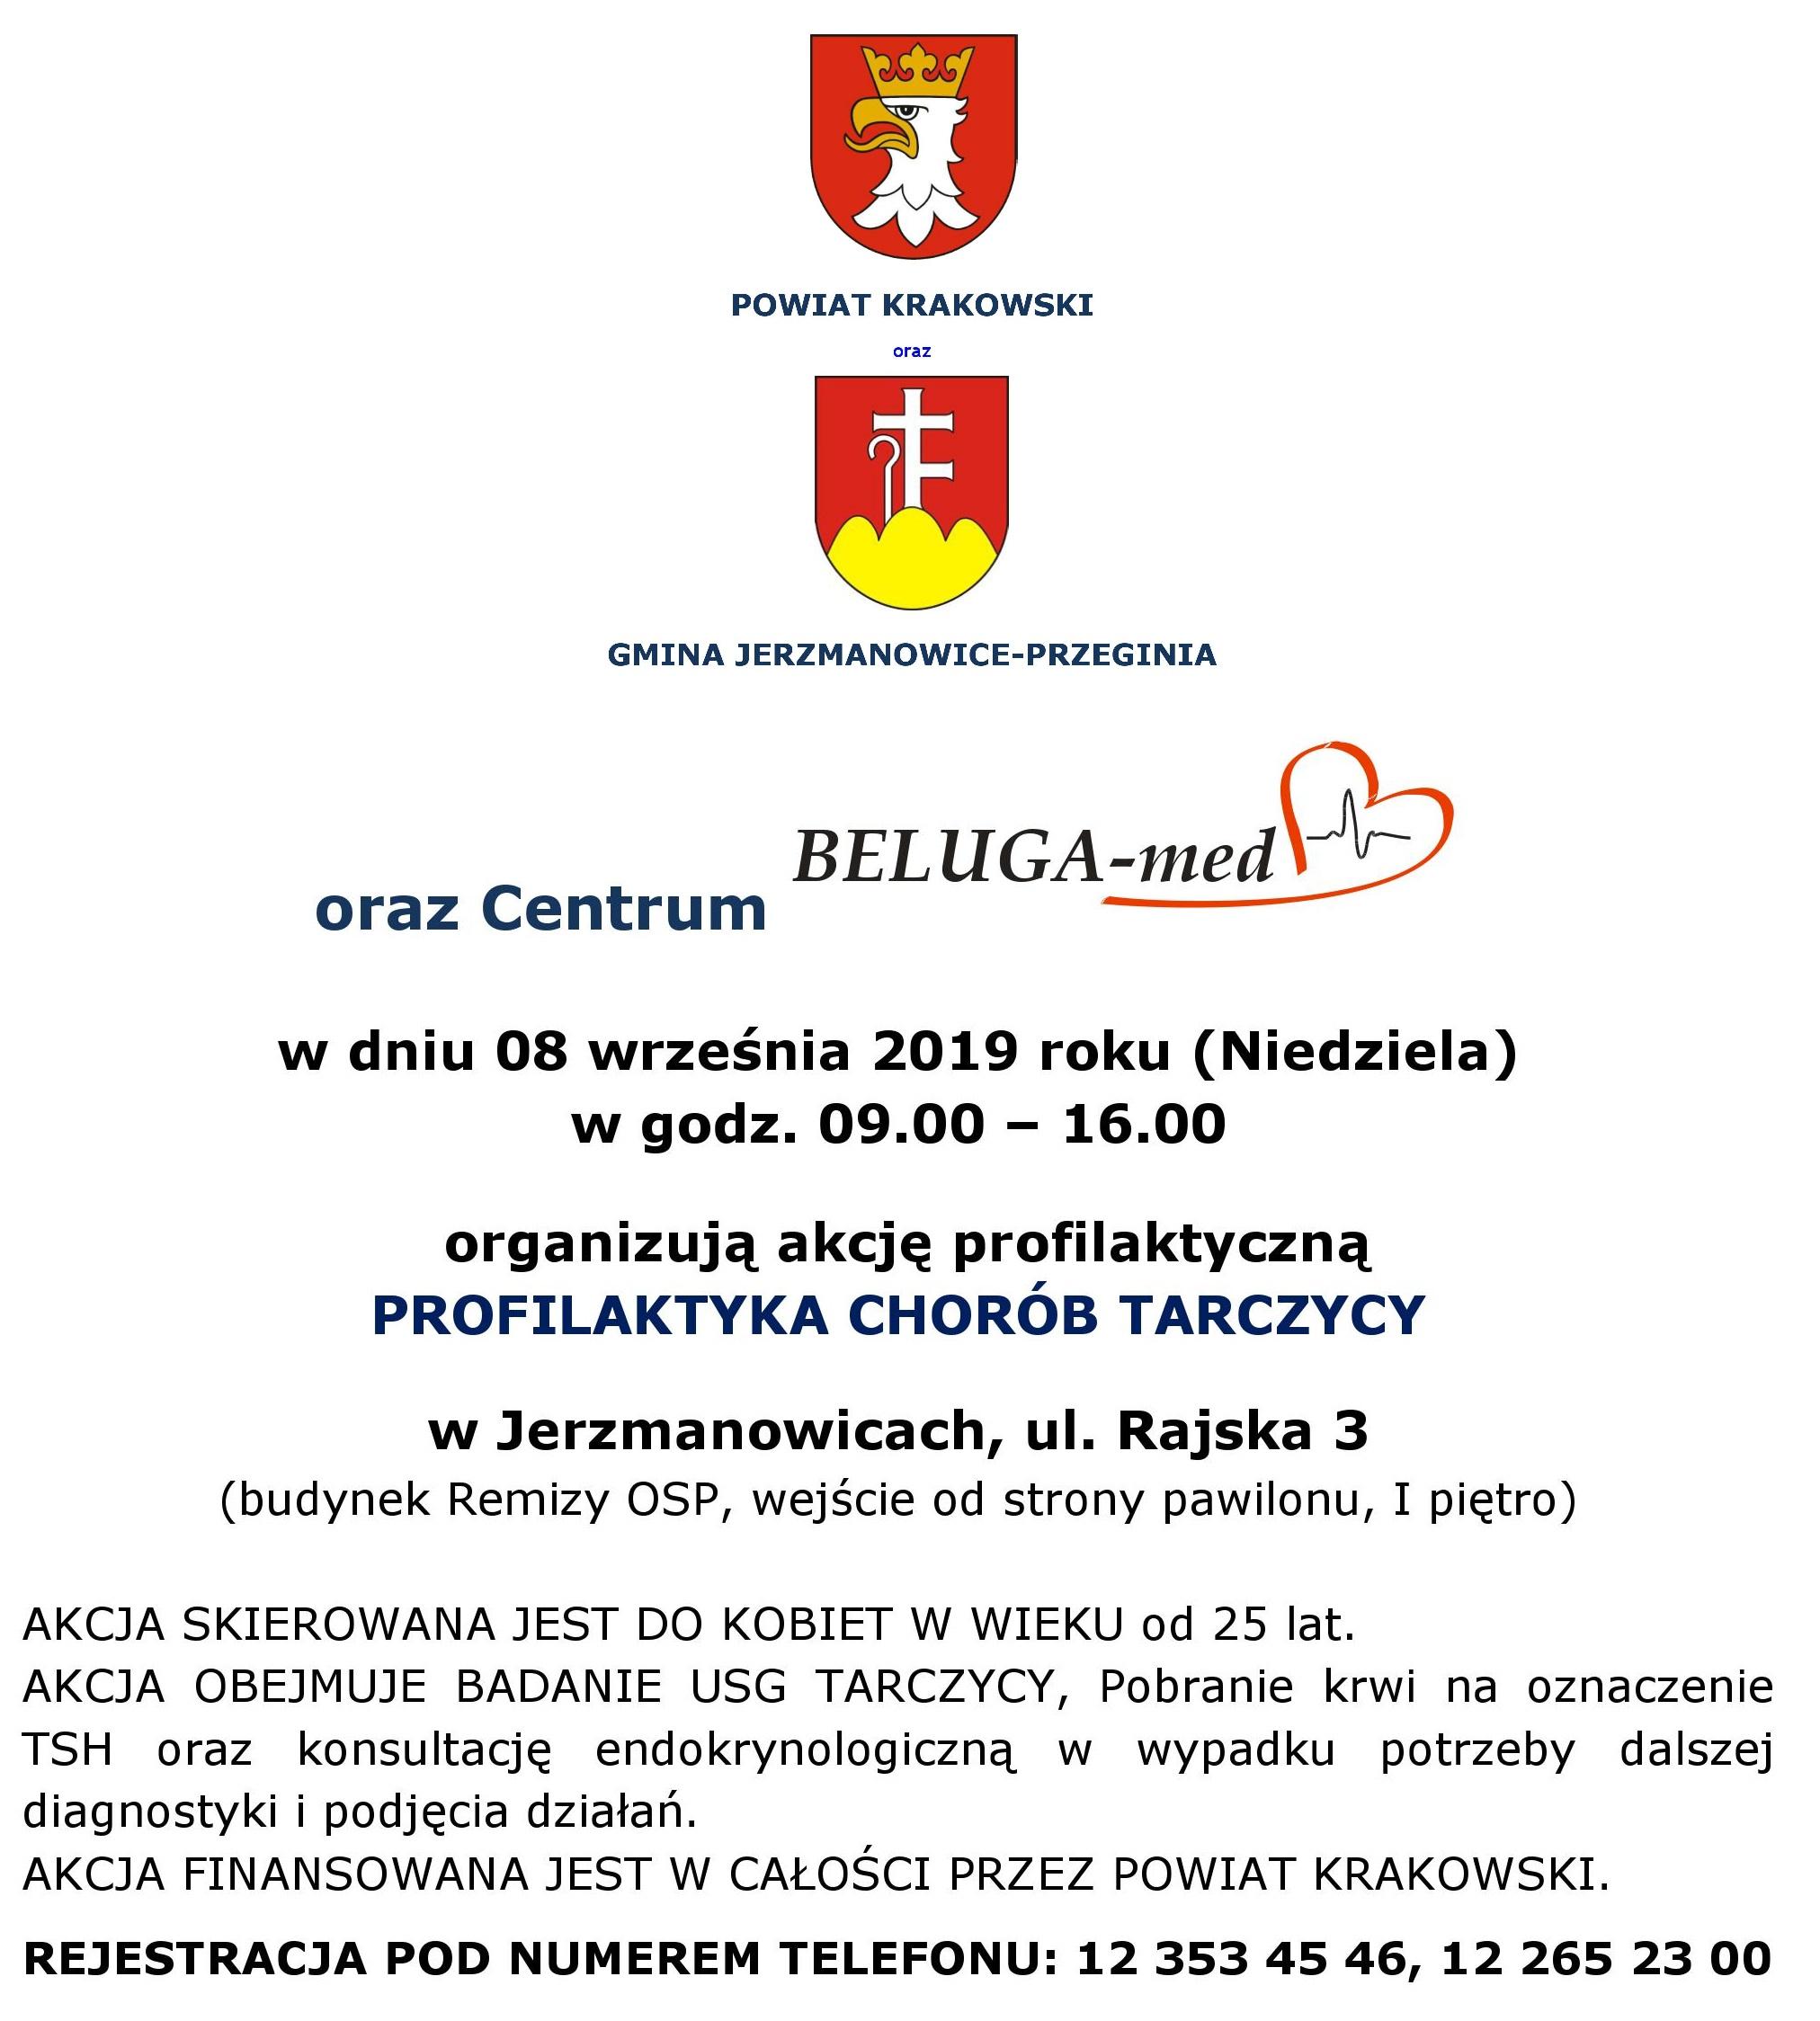 Akcja zdrowotna - Profilaktyka chorób tarczycy @ Budynek Remizy OSP | Jerzmanowice | małopolskie | Polska